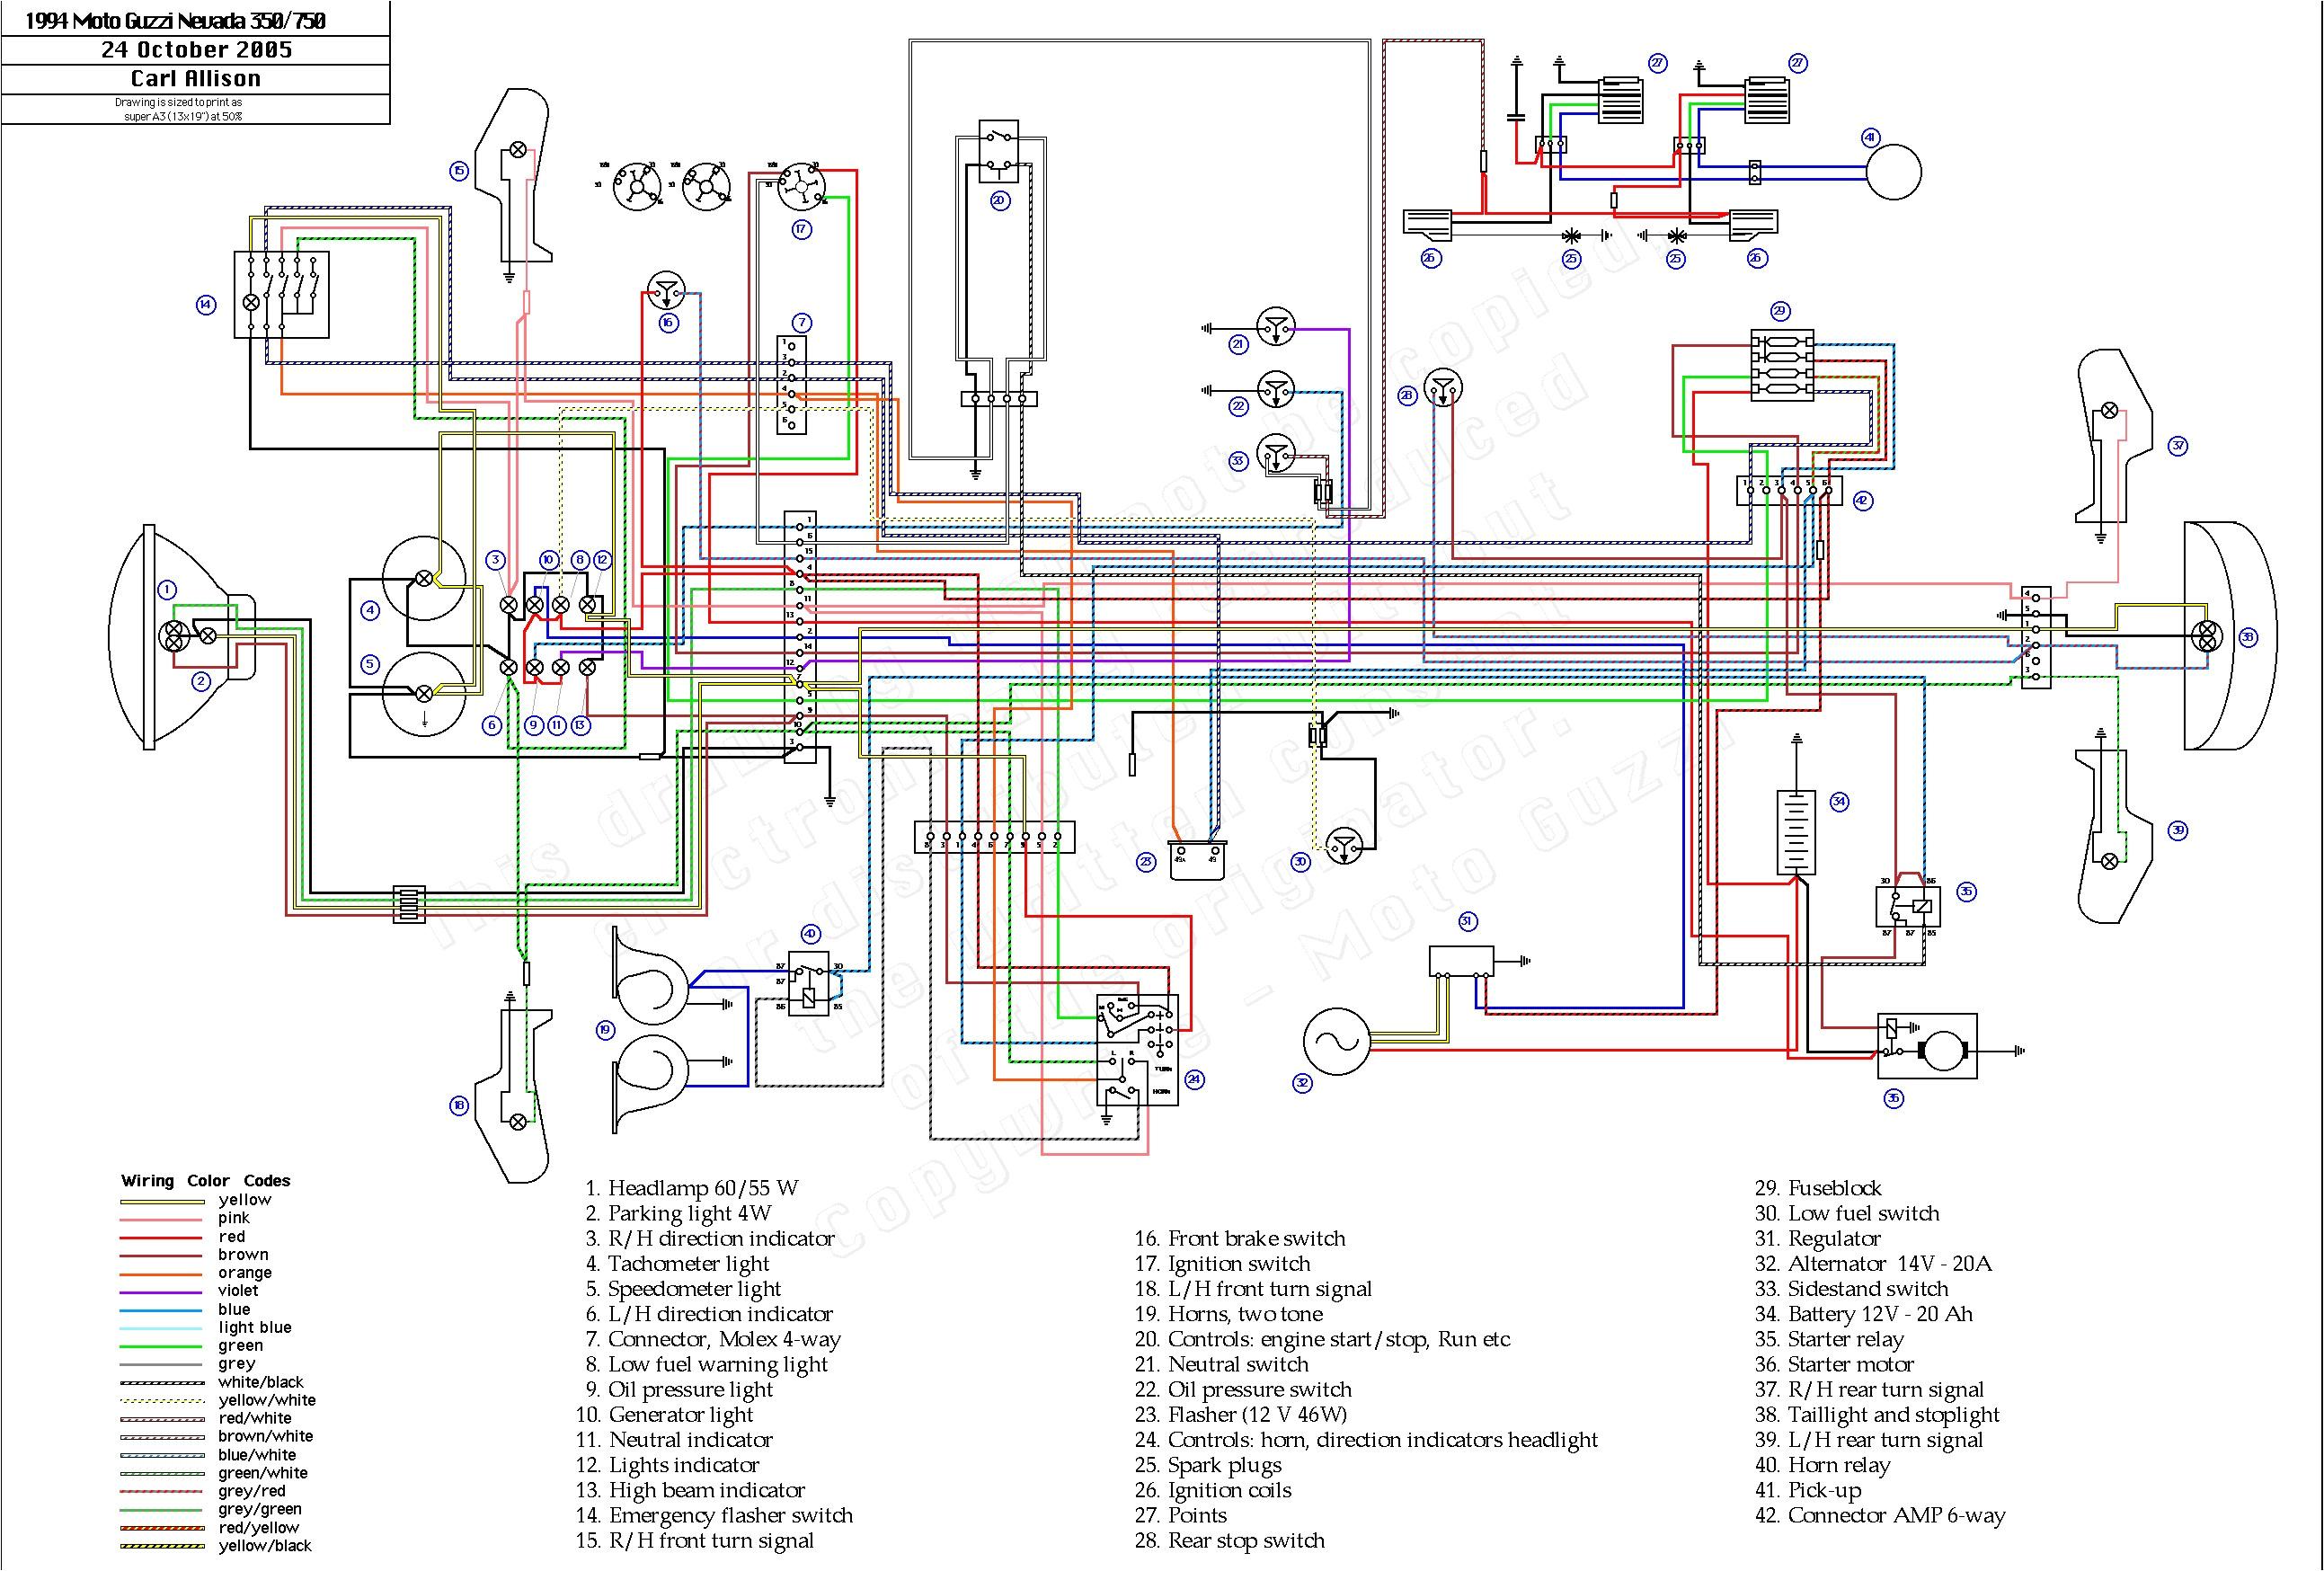 weekend warrior wiring diagram wiring diagrams 2007 weekend warrior wiring diagram